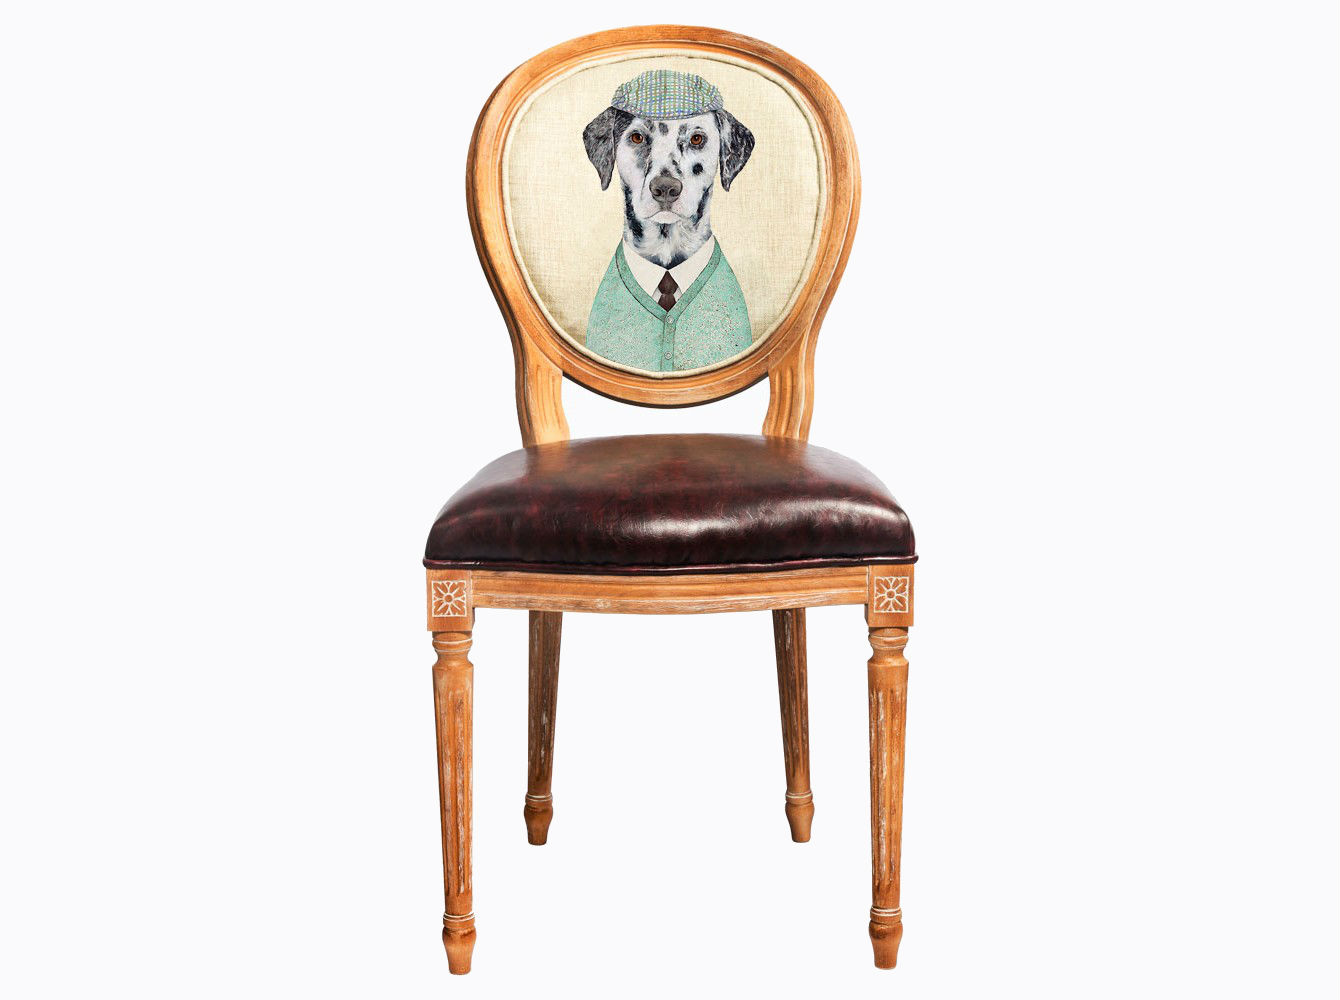 Стул «Мистер Твистер»Обеденные стулья<br>Погружаясь в увлекательный сценарий интерьерного театра, не забывайте о практичности и долговечности Вашей мебели.&amp;lt;div&amp;gt;Стул &amp;quot;Мистер Твистер&amp;quot; - универсальное, но отборное решение гостиной, столовой, спальни, кабинета, холла и детской комнаты.&amp;lt;br&amp;gt;&amp;lt;div&amp;gt;&amp;lt;br&amp;gt;&amp;lt;/div&amp;gt;&amp;lt;div&amp;gt;Корпус стула &amp;quot;Мистер Твистер&amp;quot; изготовлен из натурального бука, древесина которого отличается крепостью и твёрдостью.&amp;amp;nbsp;&amp;lt;/div&amp;gt;&amp;lt;div&amp;gt;Обивка спинки оснащена тефлоновым покрытием против пятен.&amp;amp;nbsp;&amp;lt;/div&amp;gt;&amp;lt;div&amp;gt;Сиденье, укрепленное подвеской из эластичных ремней, обладает прочностью и истинным комфортом.&amp;amp;nbsp;&amp;lt;/div&amp;gt;&amp;lt;div&amp;gt;Материал: бук, экокожа, лен, хлопок&amp;lt;br&amp;gt;&amp;lt;/div&amp;gt;&amp;lt;div&amp;gt;&amp;lt;div&amp;gt;&amp;lt;br&amp;gt;&amp;lt;/div&amp;gt;<br><br>&amp;lt;iframe width=&amp;quot;530&amp;quot; height=&amp;quot;315&amp;quot; src=&amp;quot;https://www.youtube.com/embed/3vitXSFtUrE&amp;quot; frameborder=&amp;quot;0&amp;quot; allowfullscreen=&amp;quot;&amp;quot;&amp;gt;&amp;lt;/iframe&amp;gt;&amp;lt;/div&amp;gt;&amp;lt;/div&amp;gt;<br><br>Material: Дерево<br>Ширина см: 50.0<br>Высота см: 98.0<br>Глубина см: 47.0